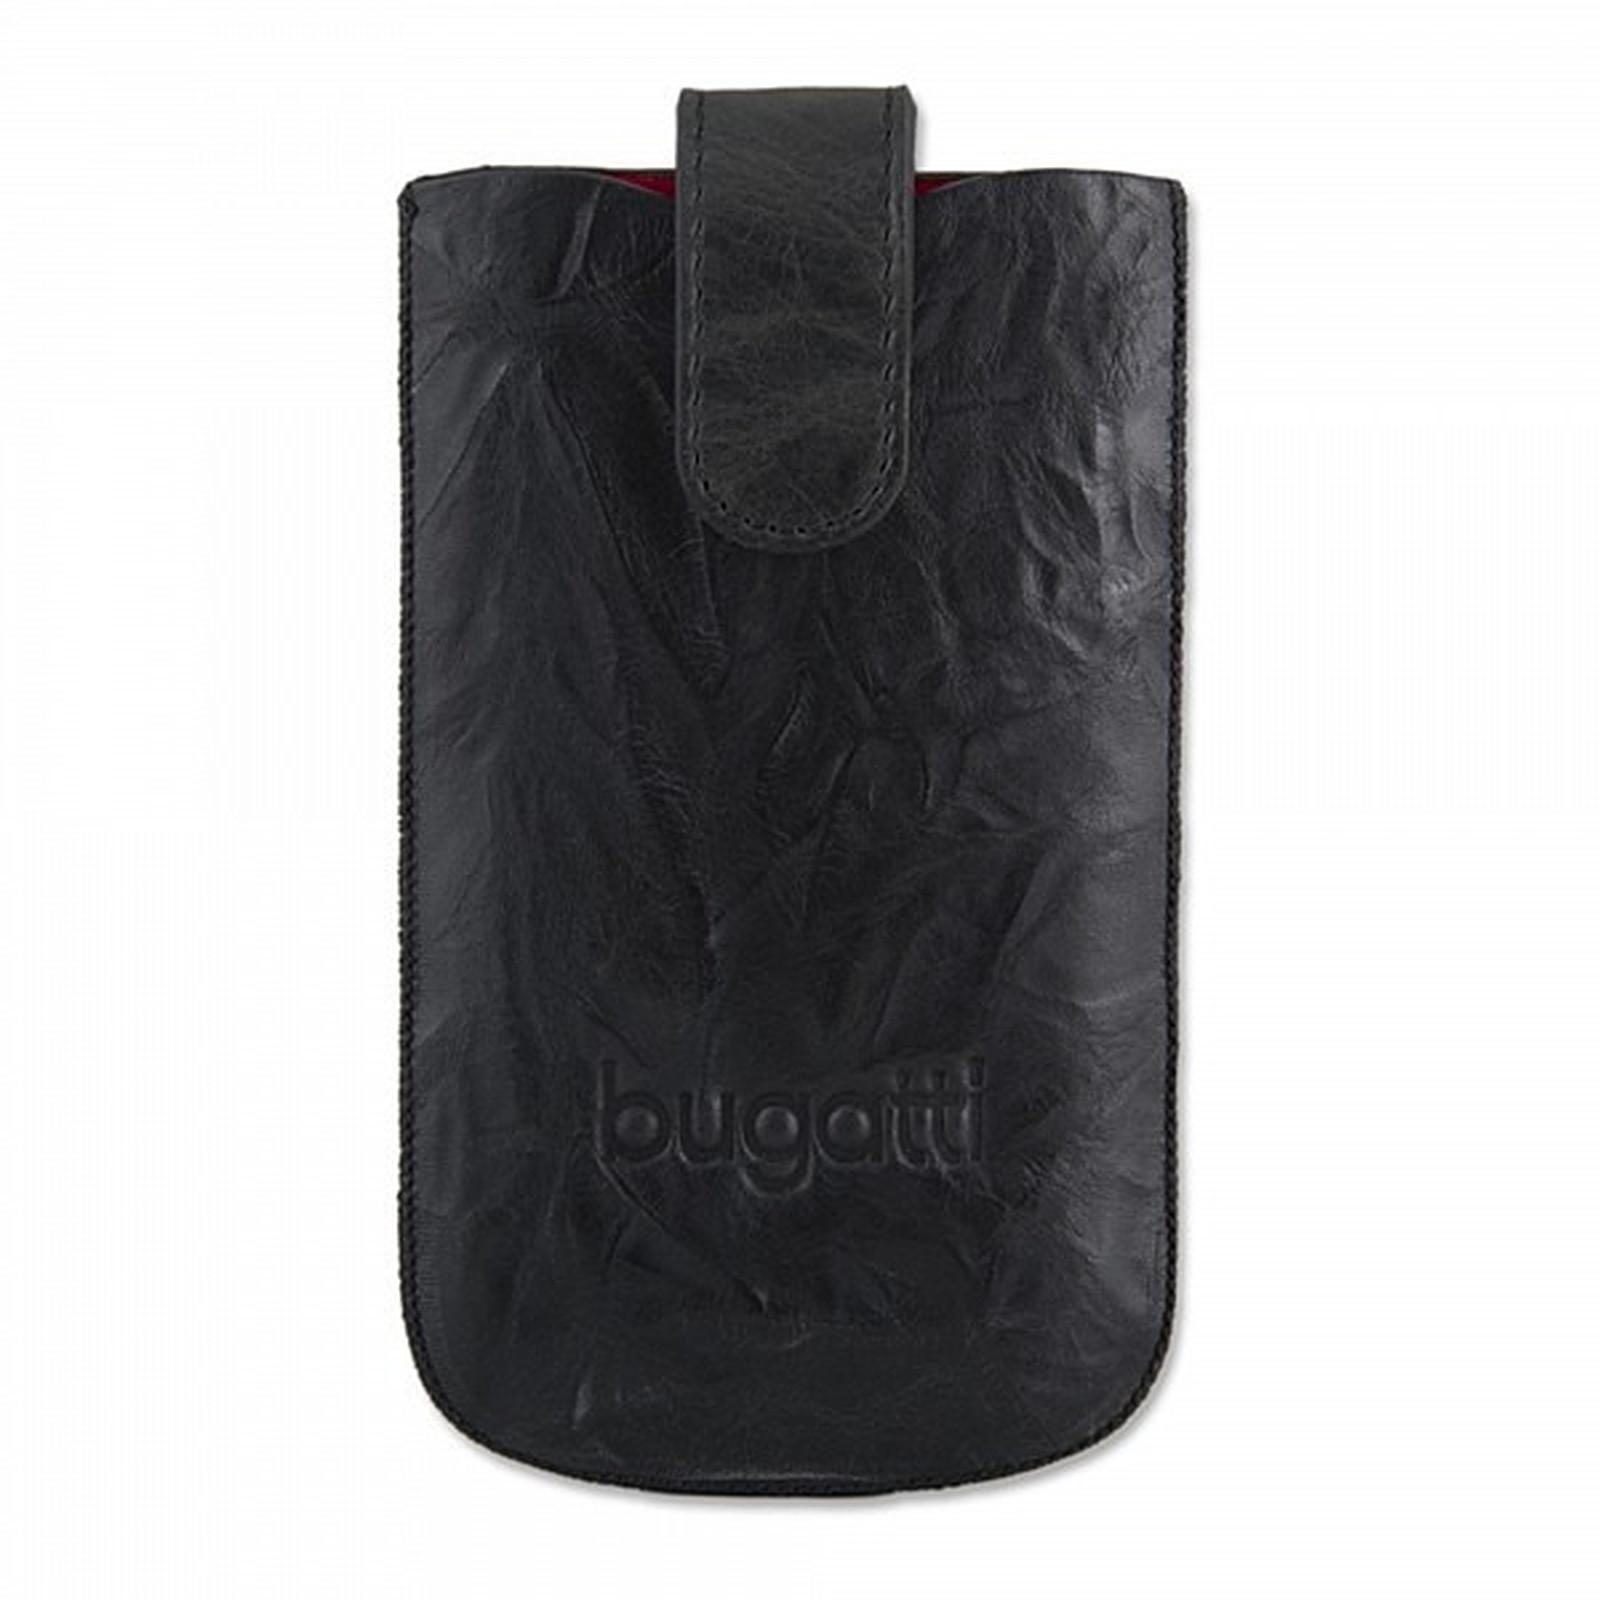 Bugatti SlimCase Unique M noir carbone - Etui en cuir universel (pour téléphones portables)